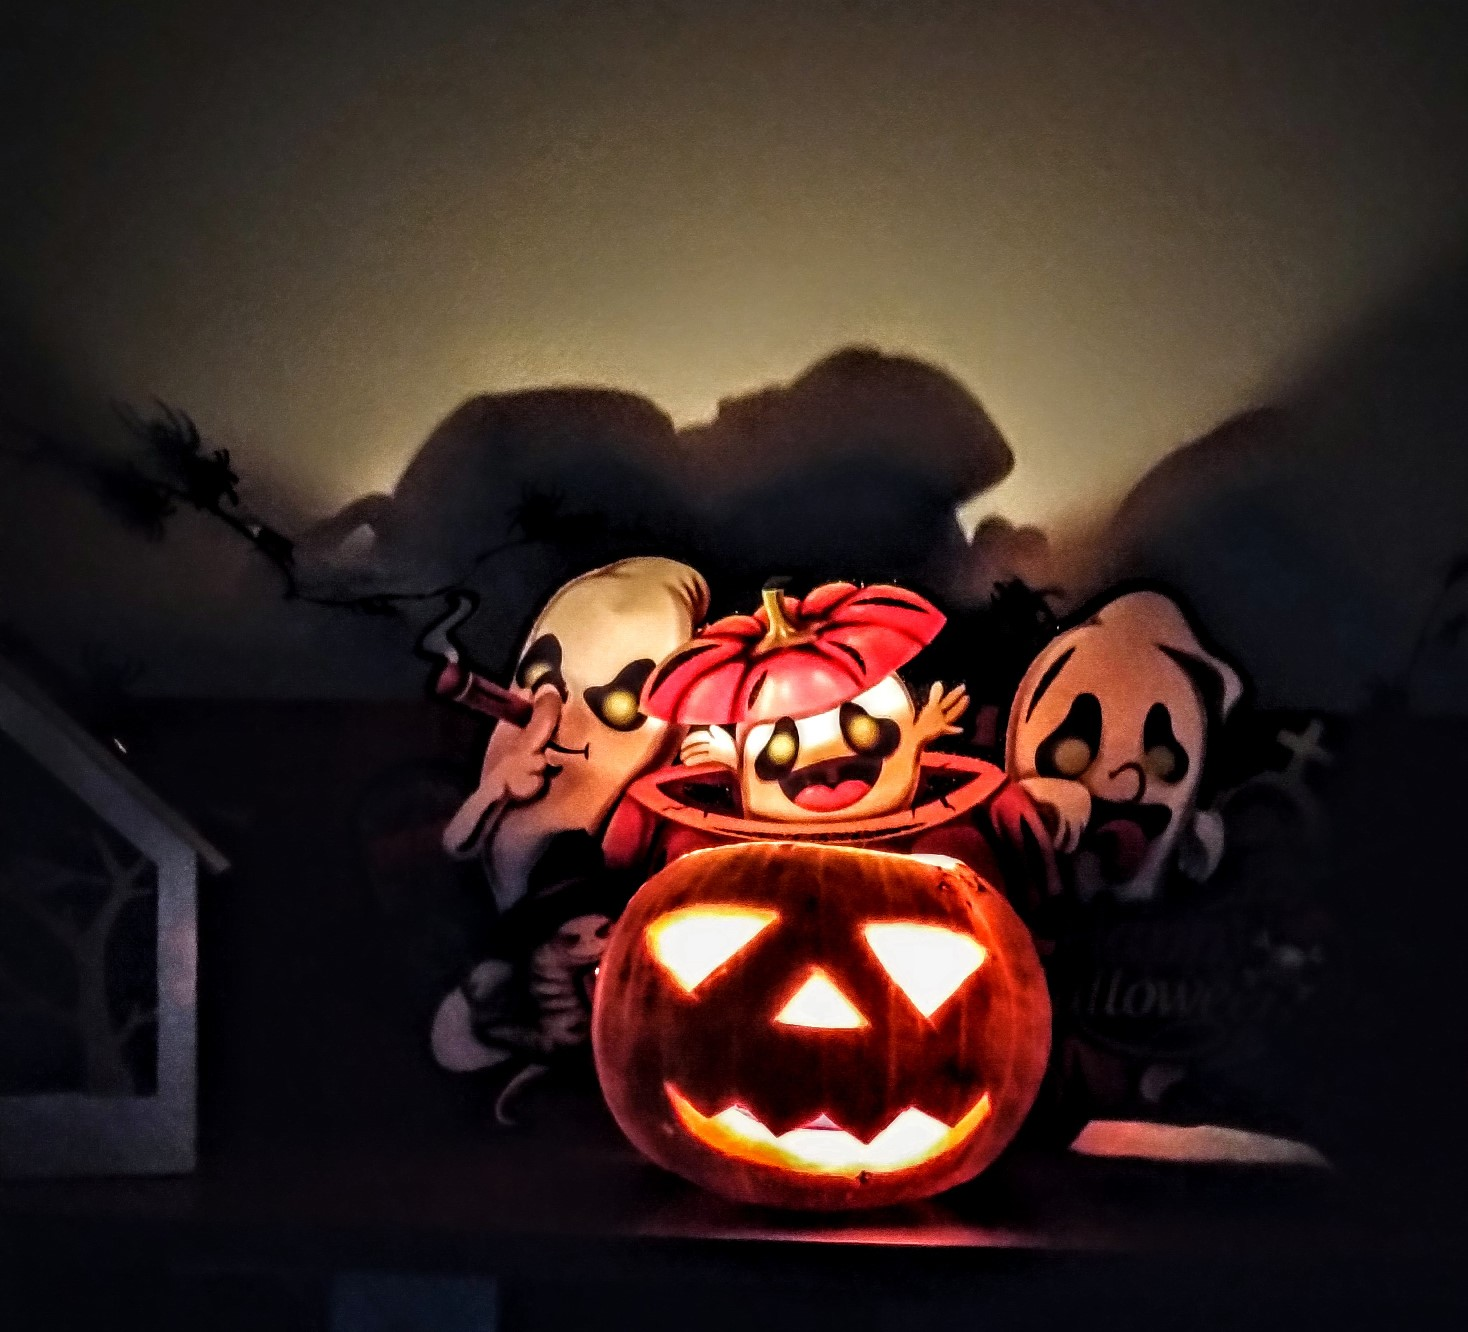 Un Halloween și mai mulți copii fericiți